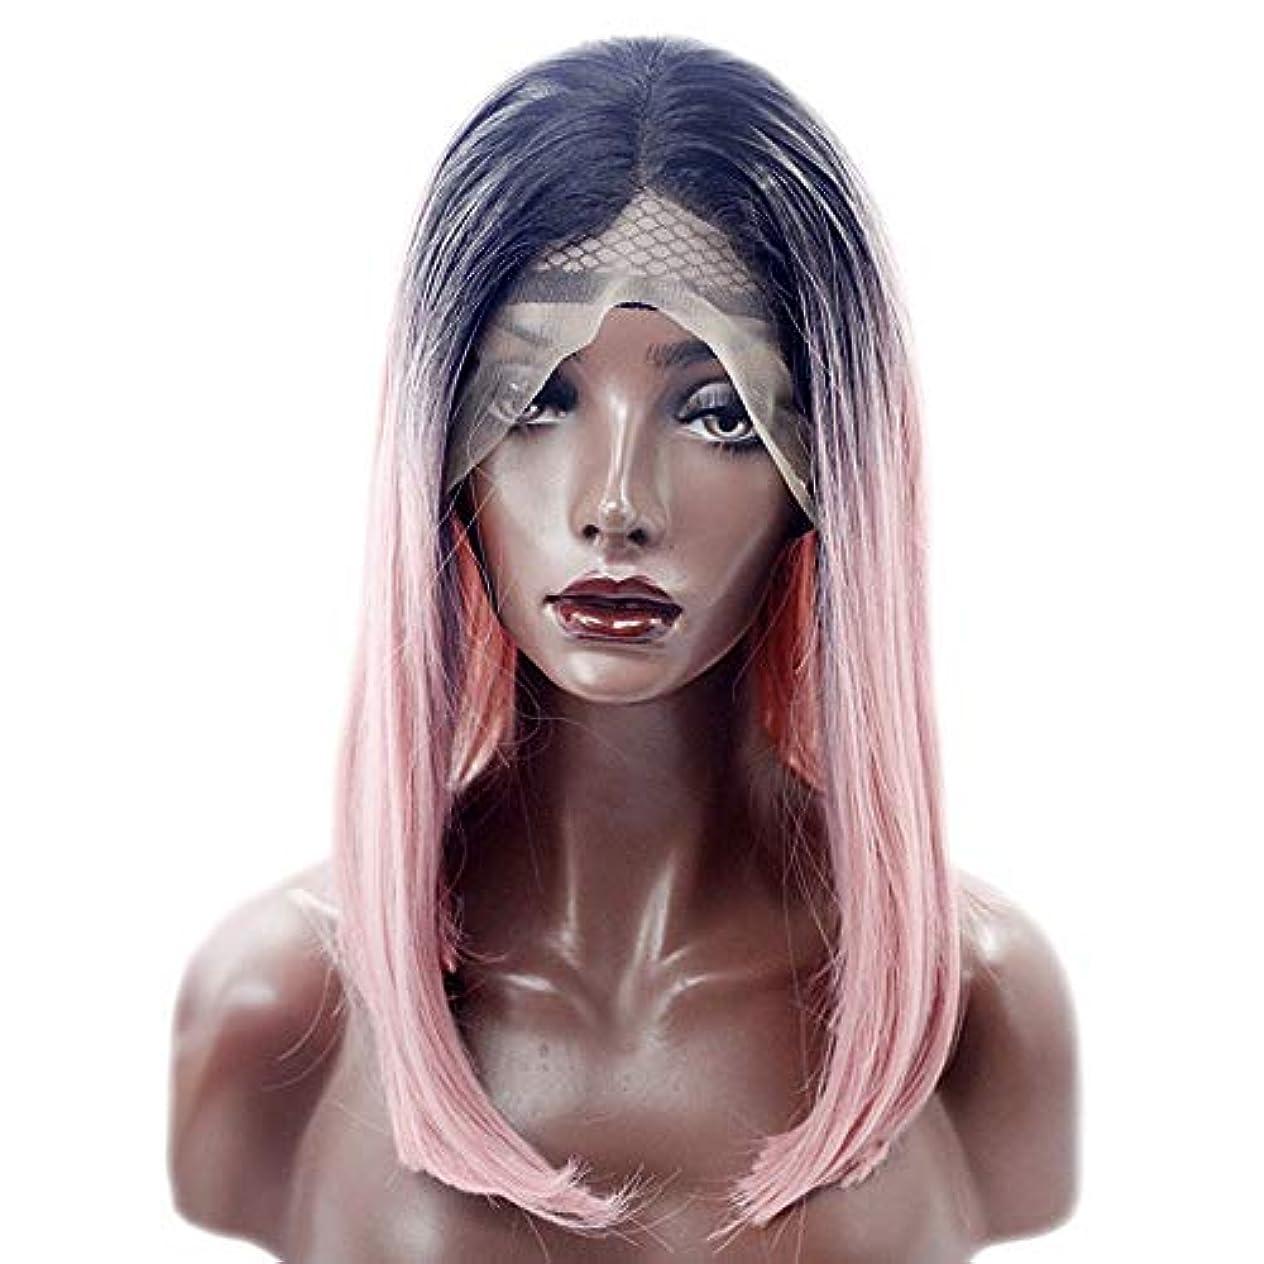 郵便物学校の先生絶え間ないYOUQIU 女性のかつらのフロント合成かつらピンクボブウィッグストレート肩の耐熱髪をひもで締めます (色 : ピンク)